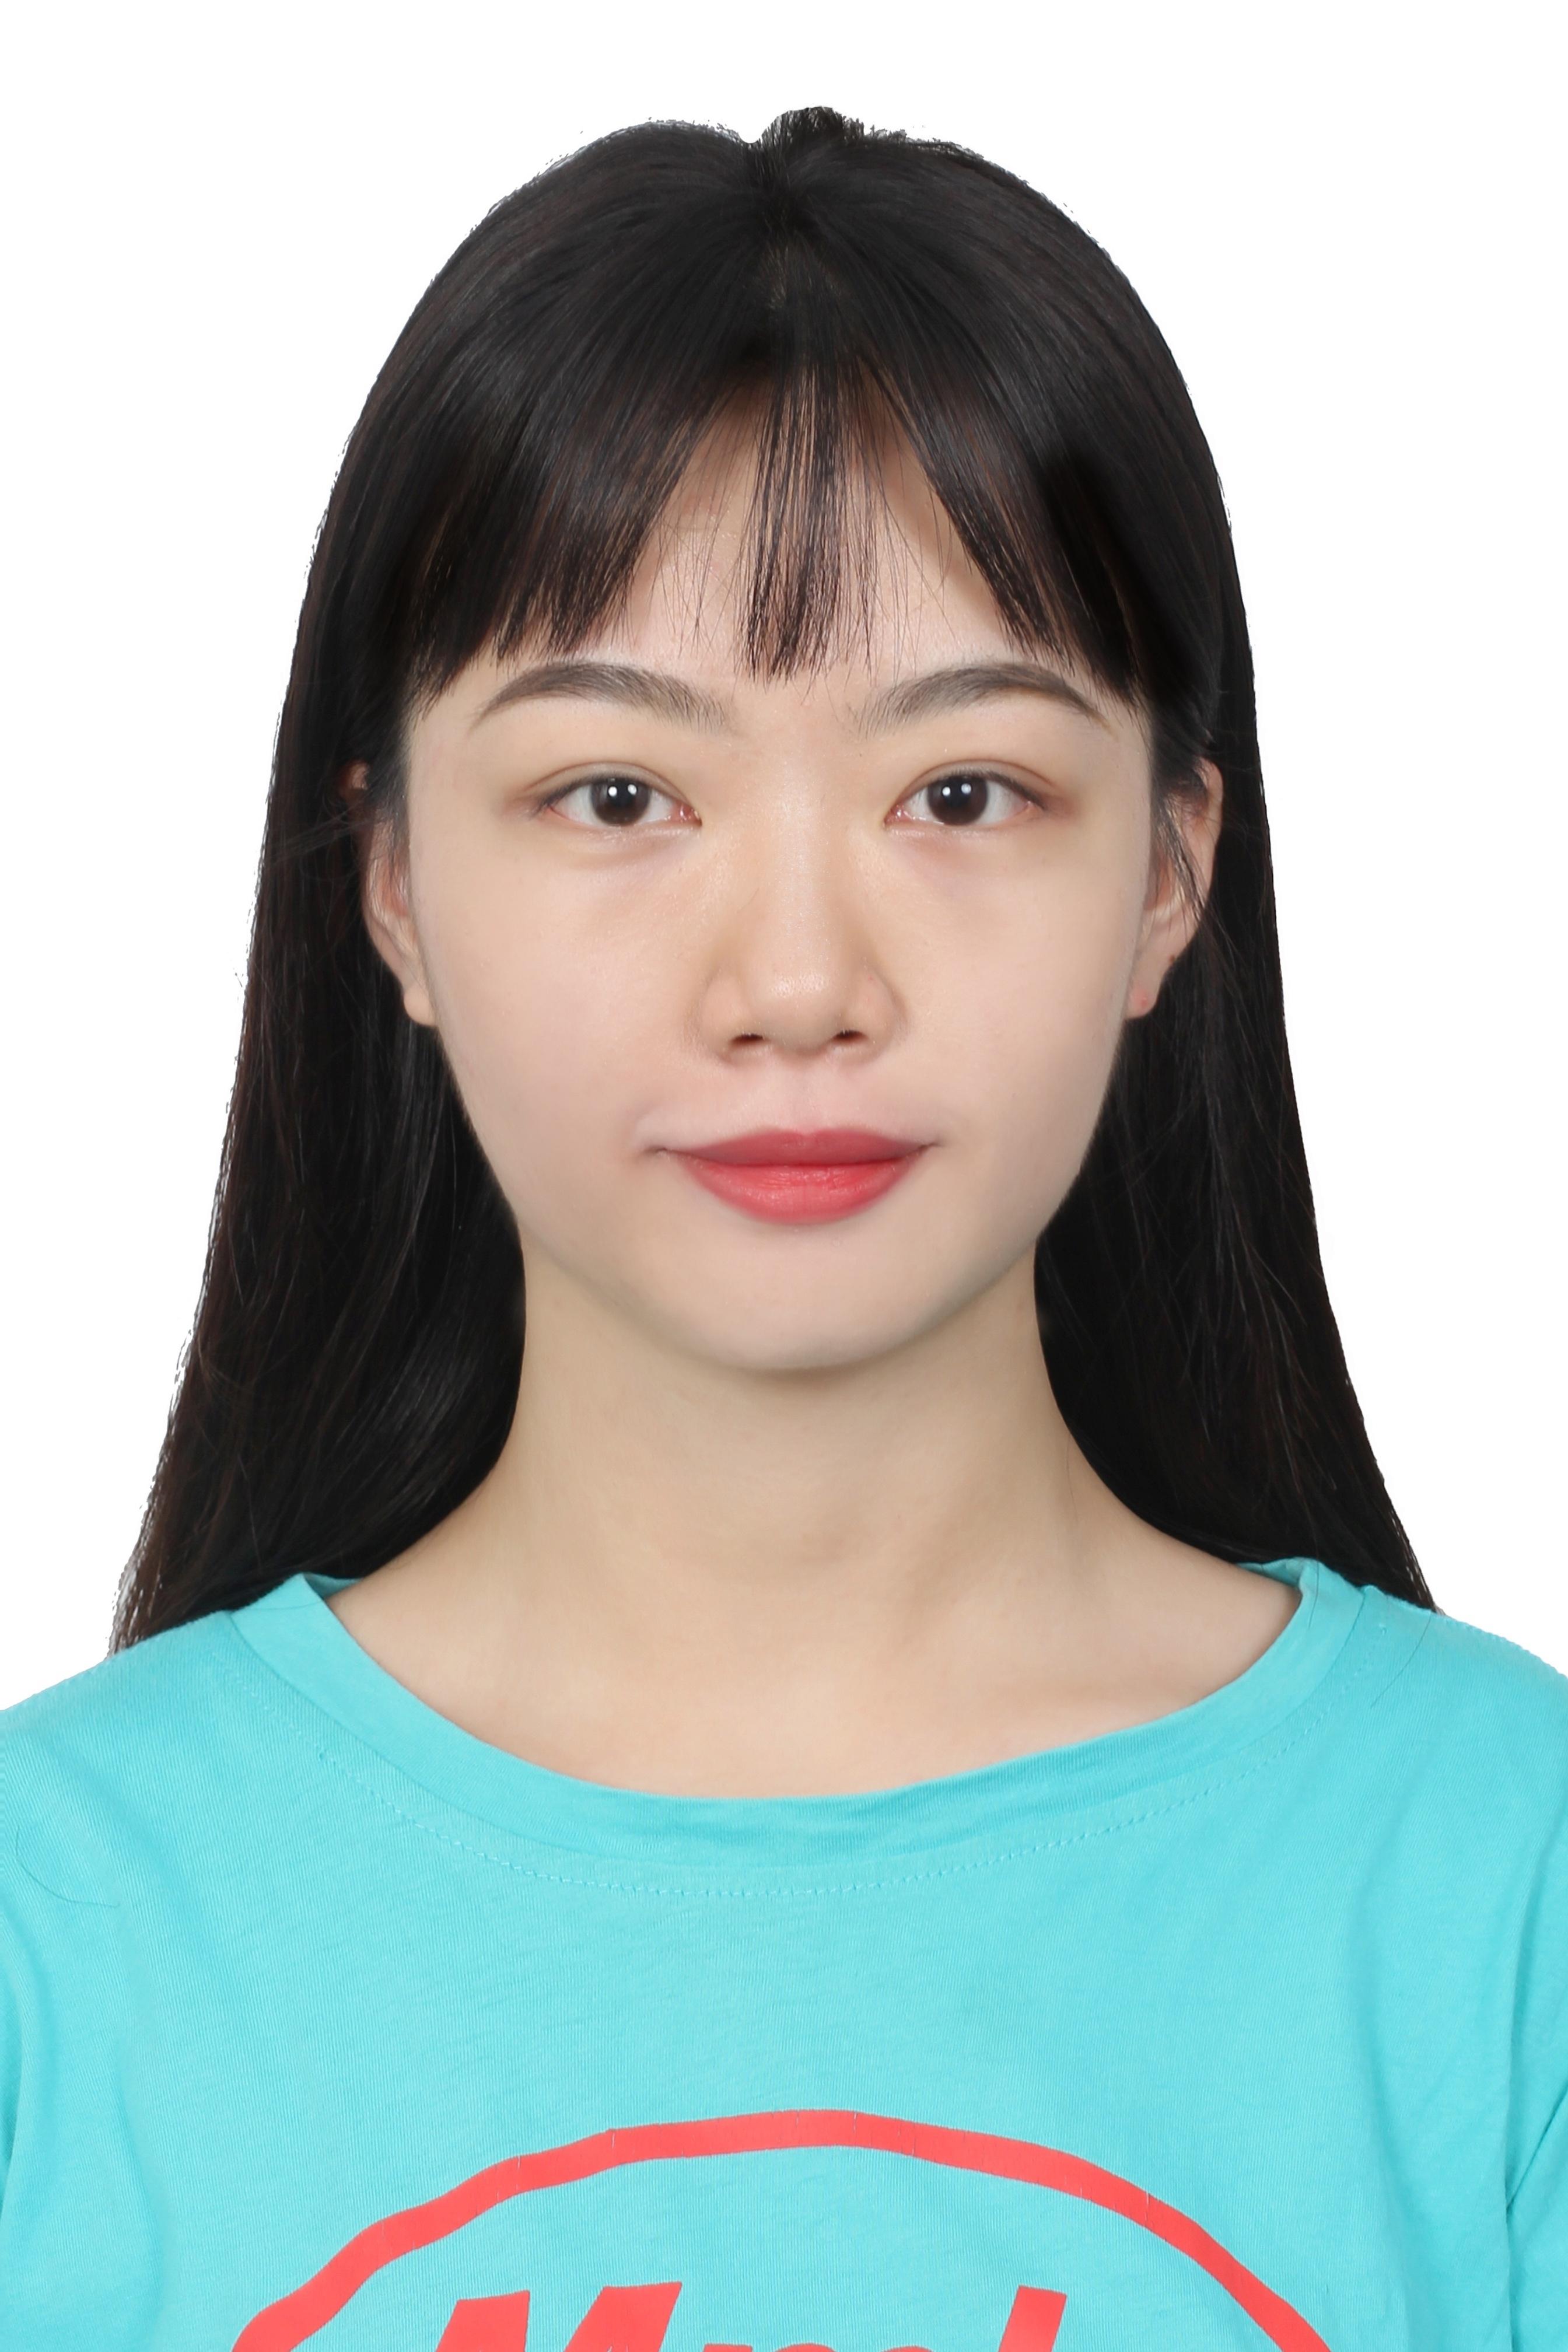 萍乡家教李教员